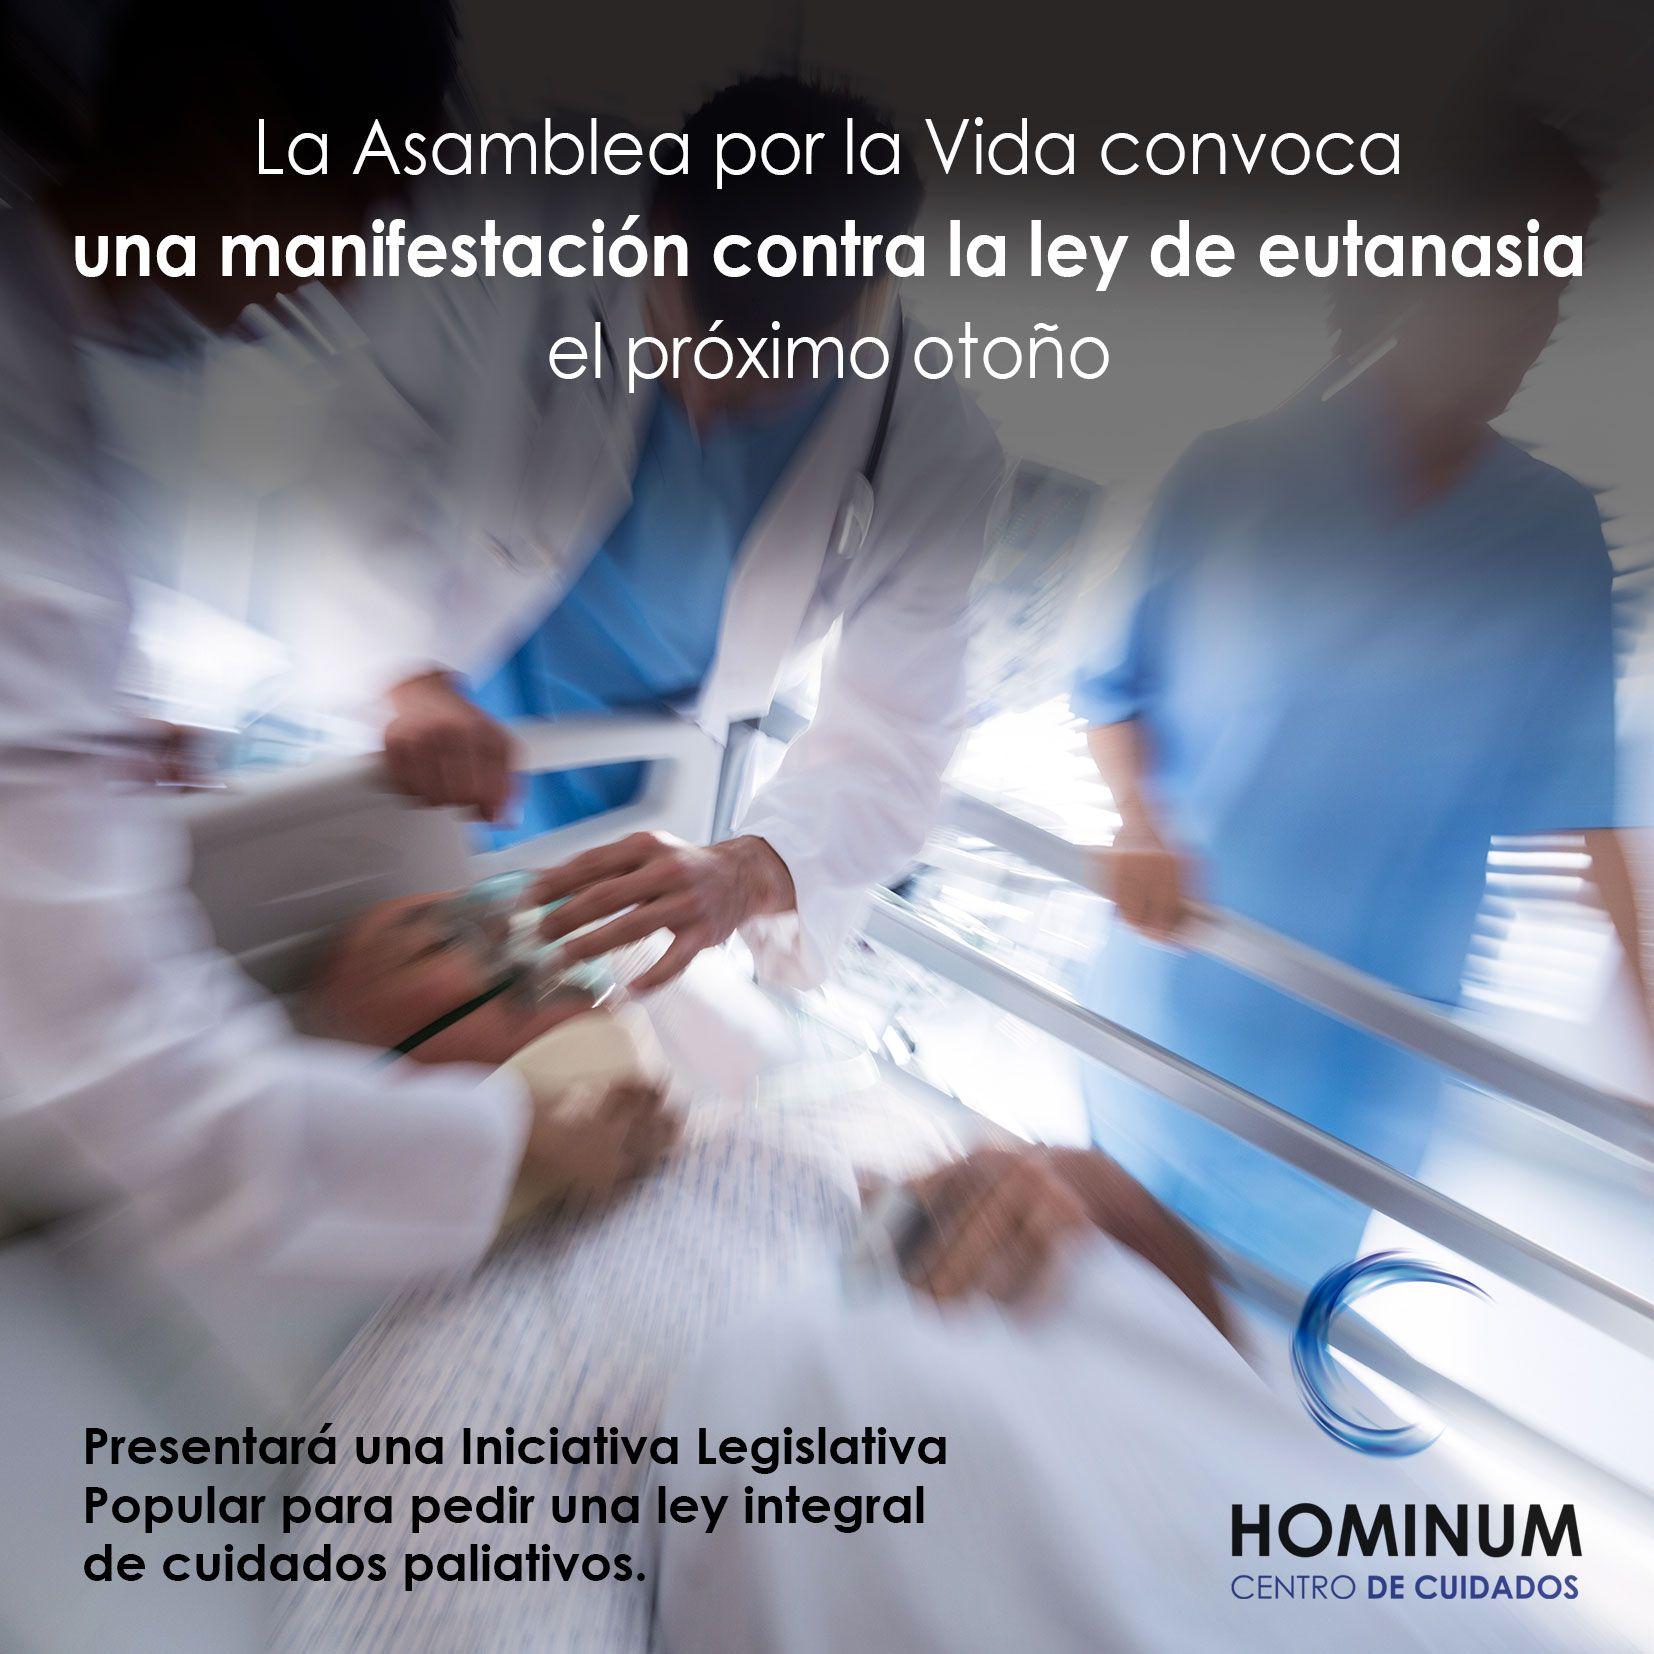 La Asamblea por la Vida convoca una manifestación contra la ley de eutanasia el próximo otoño.